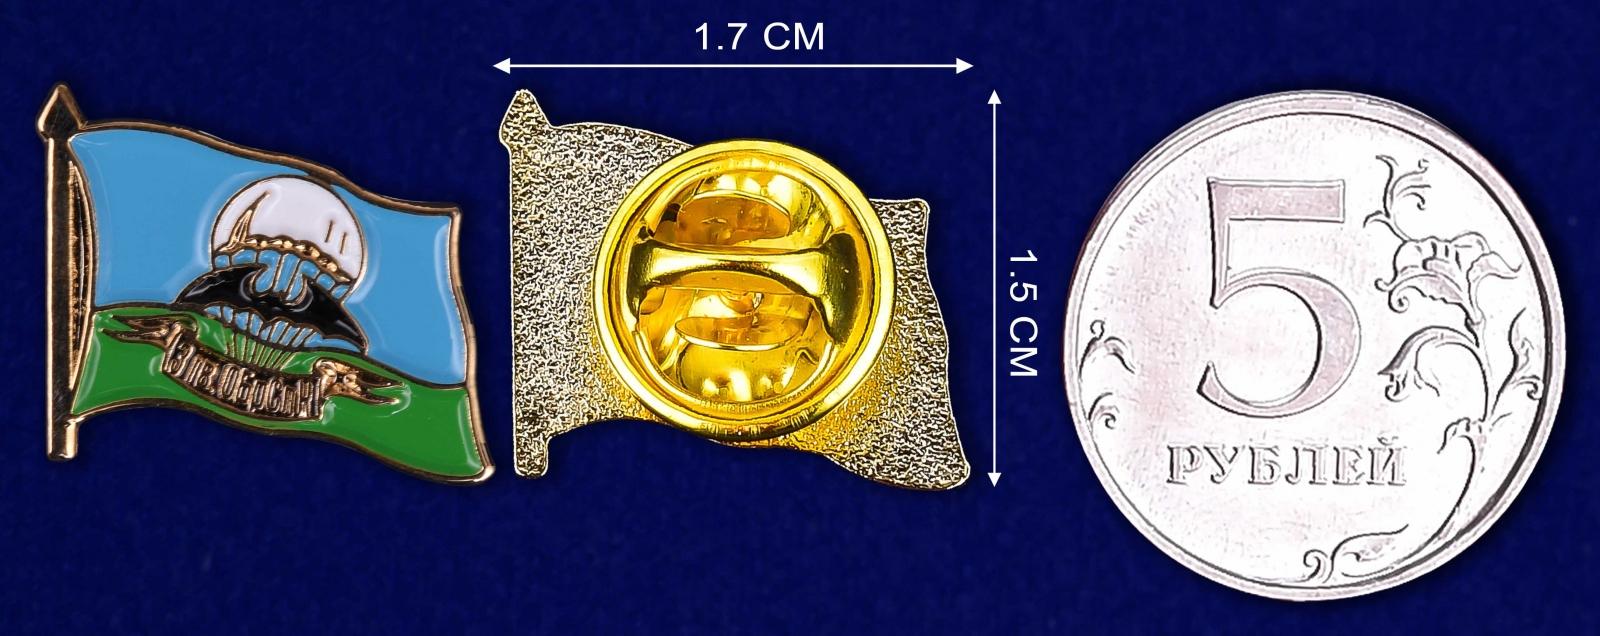 Значок 3 ОБрСпН ГРУ-сравнительный размер